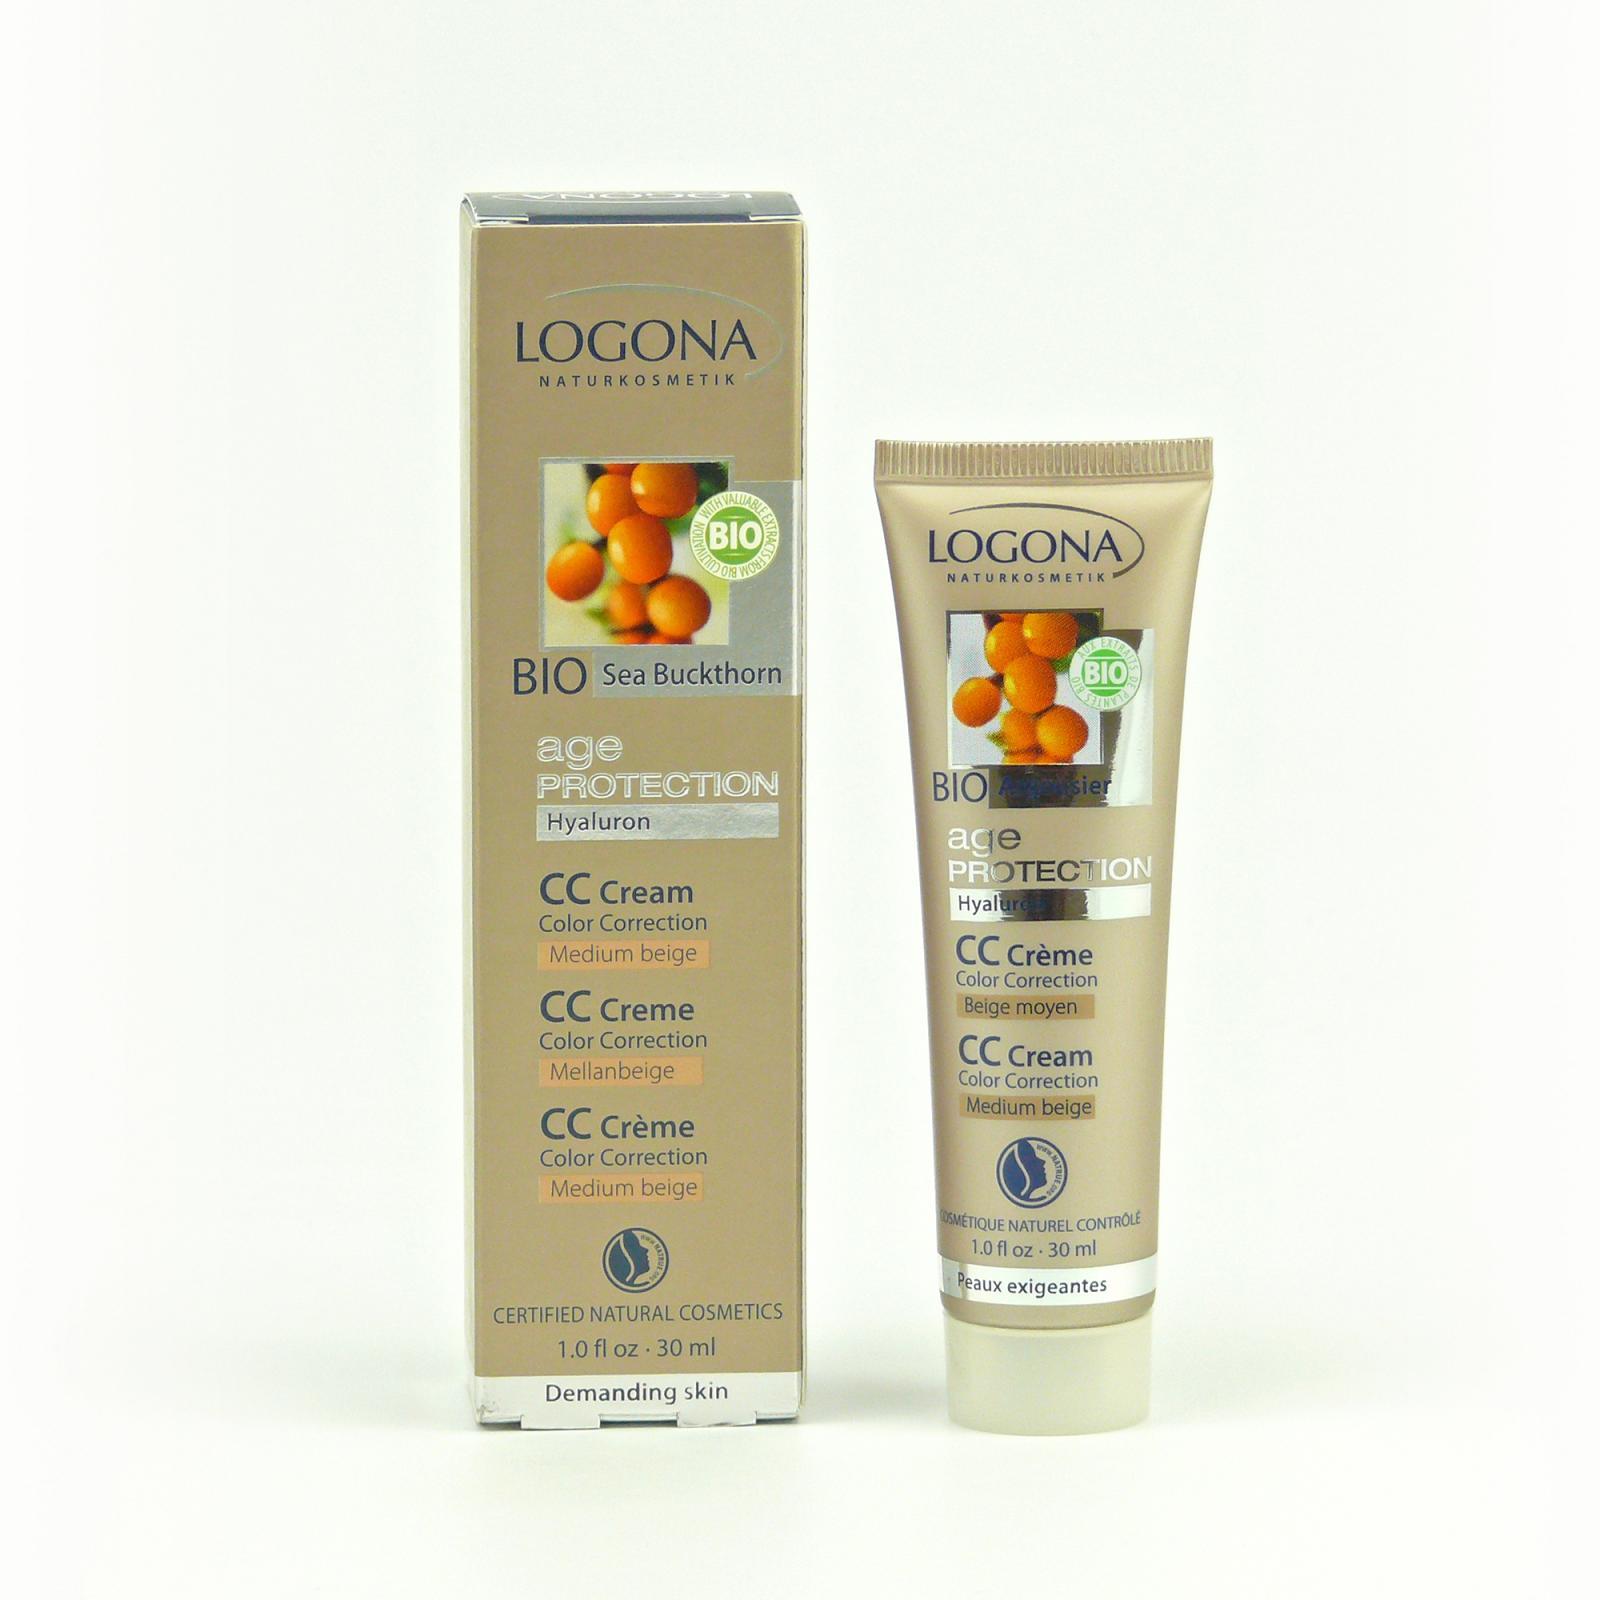 Logona CC krém středně béžová, Age Protection 30 ml